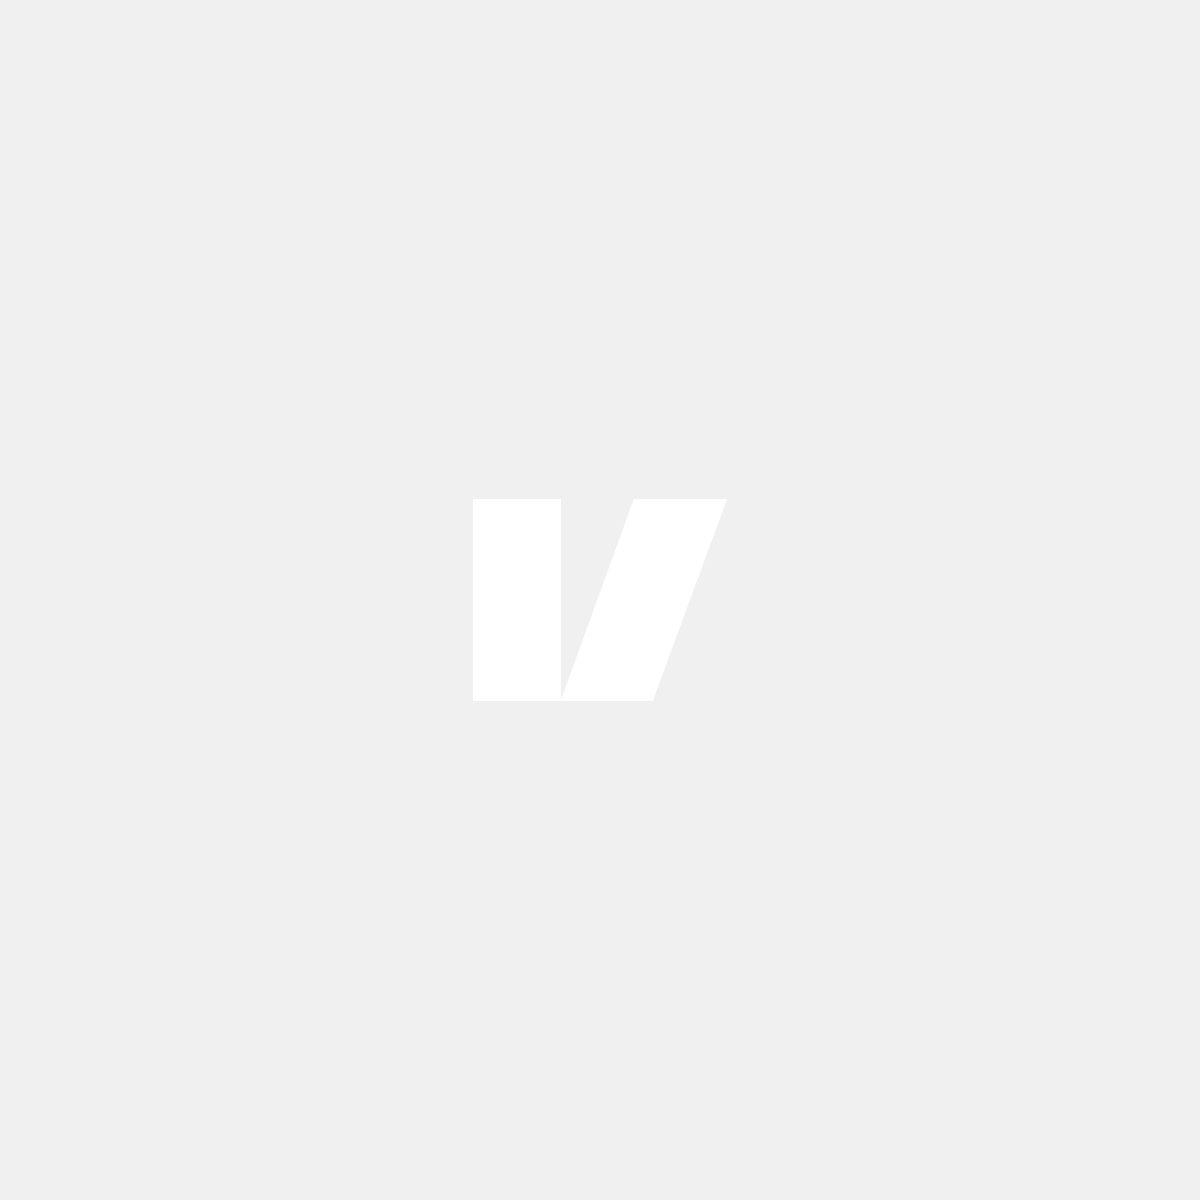 H&R sänkningsfjädersats 30mm, till Volvo V60, 5-6 cyl